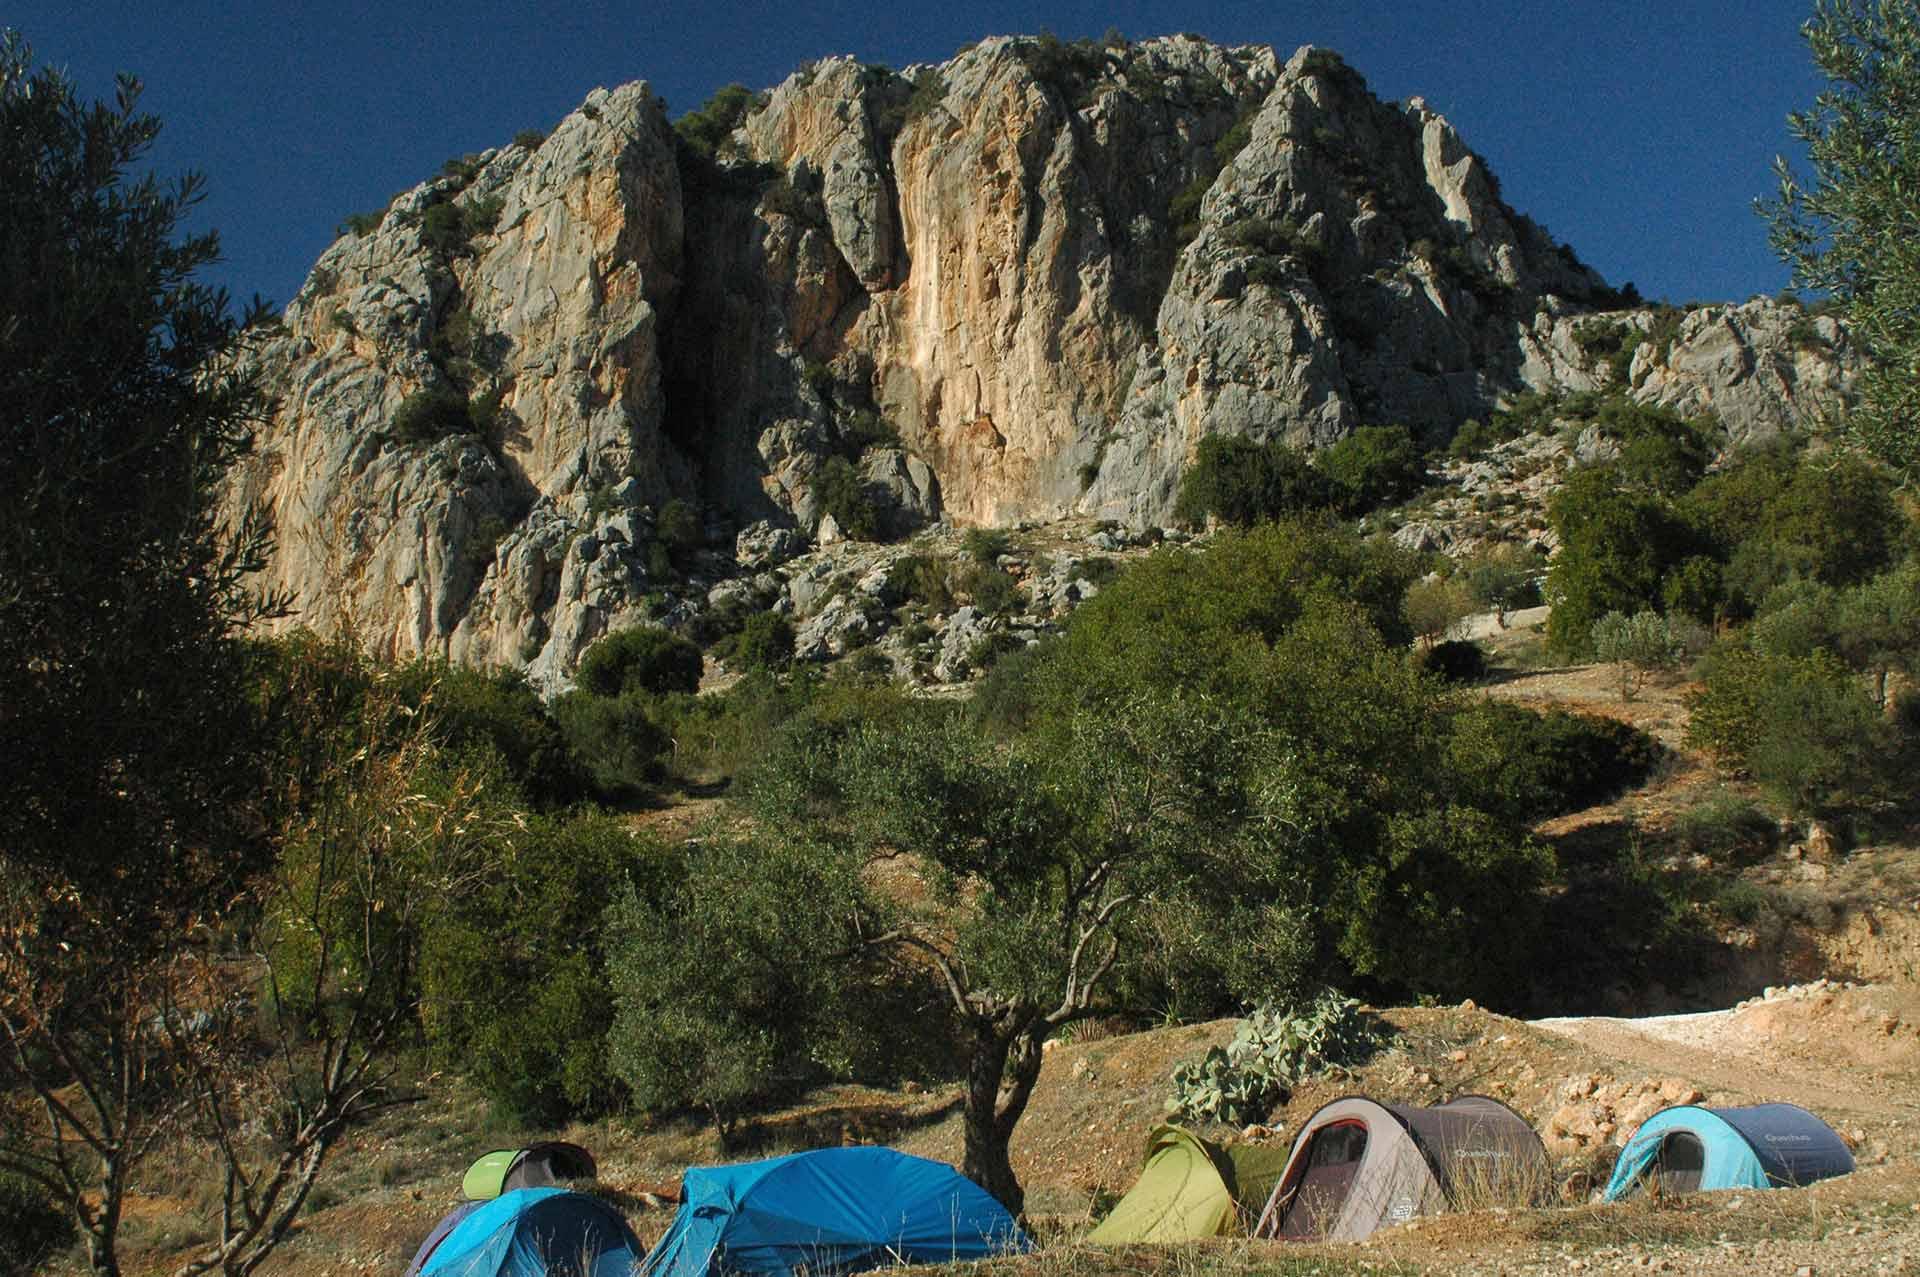 El Chorro accommodation in el chorro spain Olive Branch El Chorro malaga spain